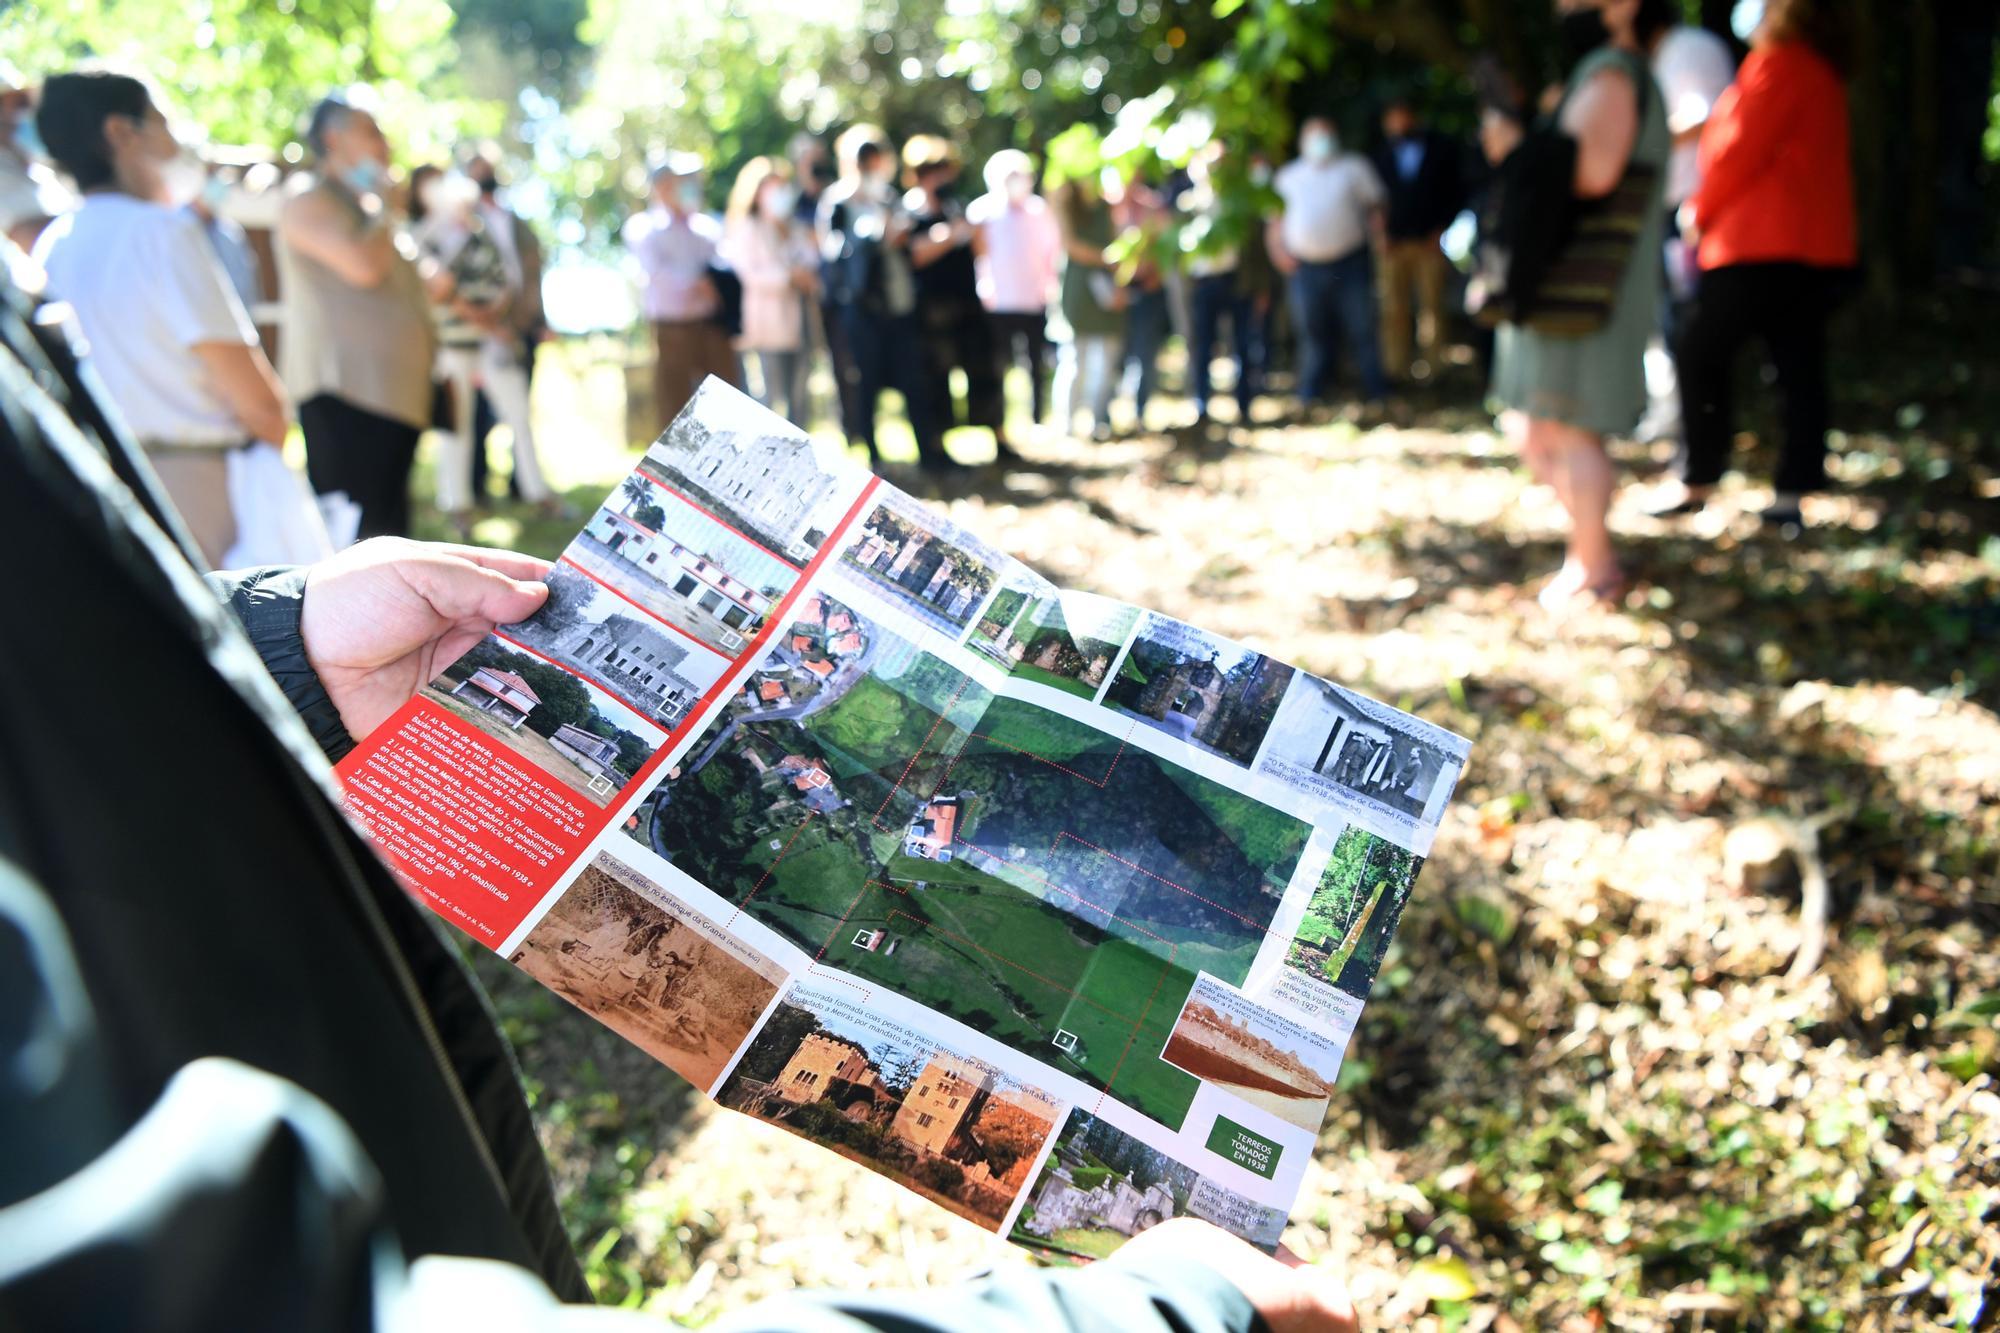 Los jardines del Pazo de Meirás abren al público